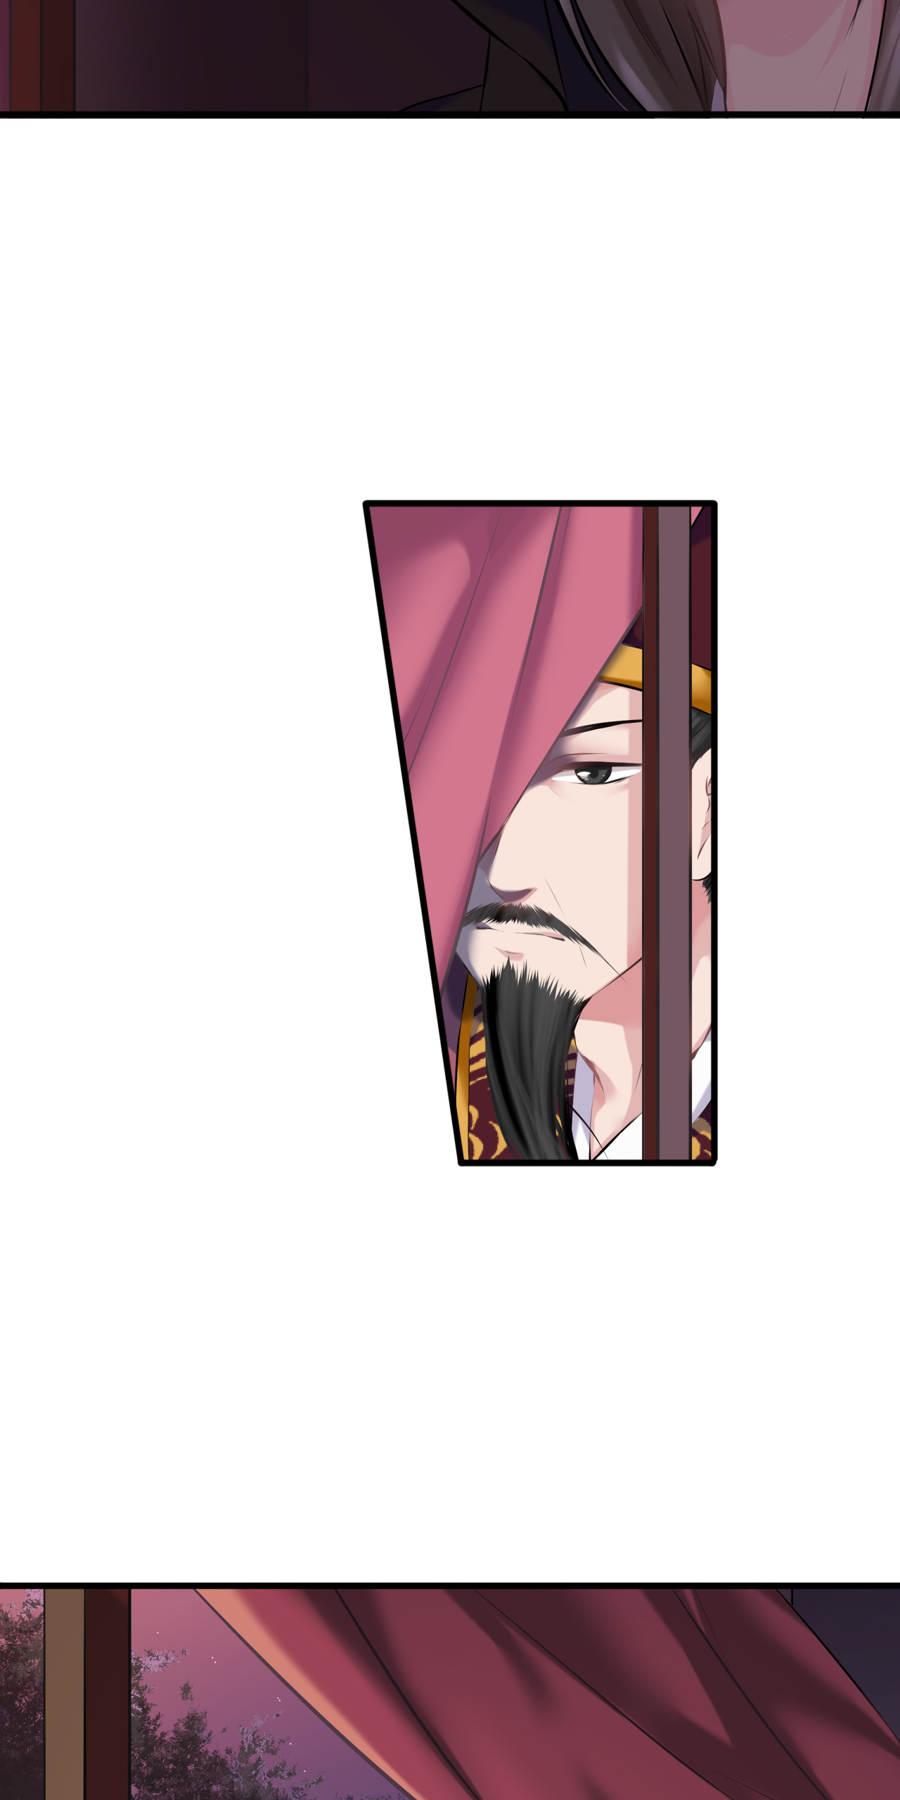 盛世帝王妃第14话  可怜的女人 第 5